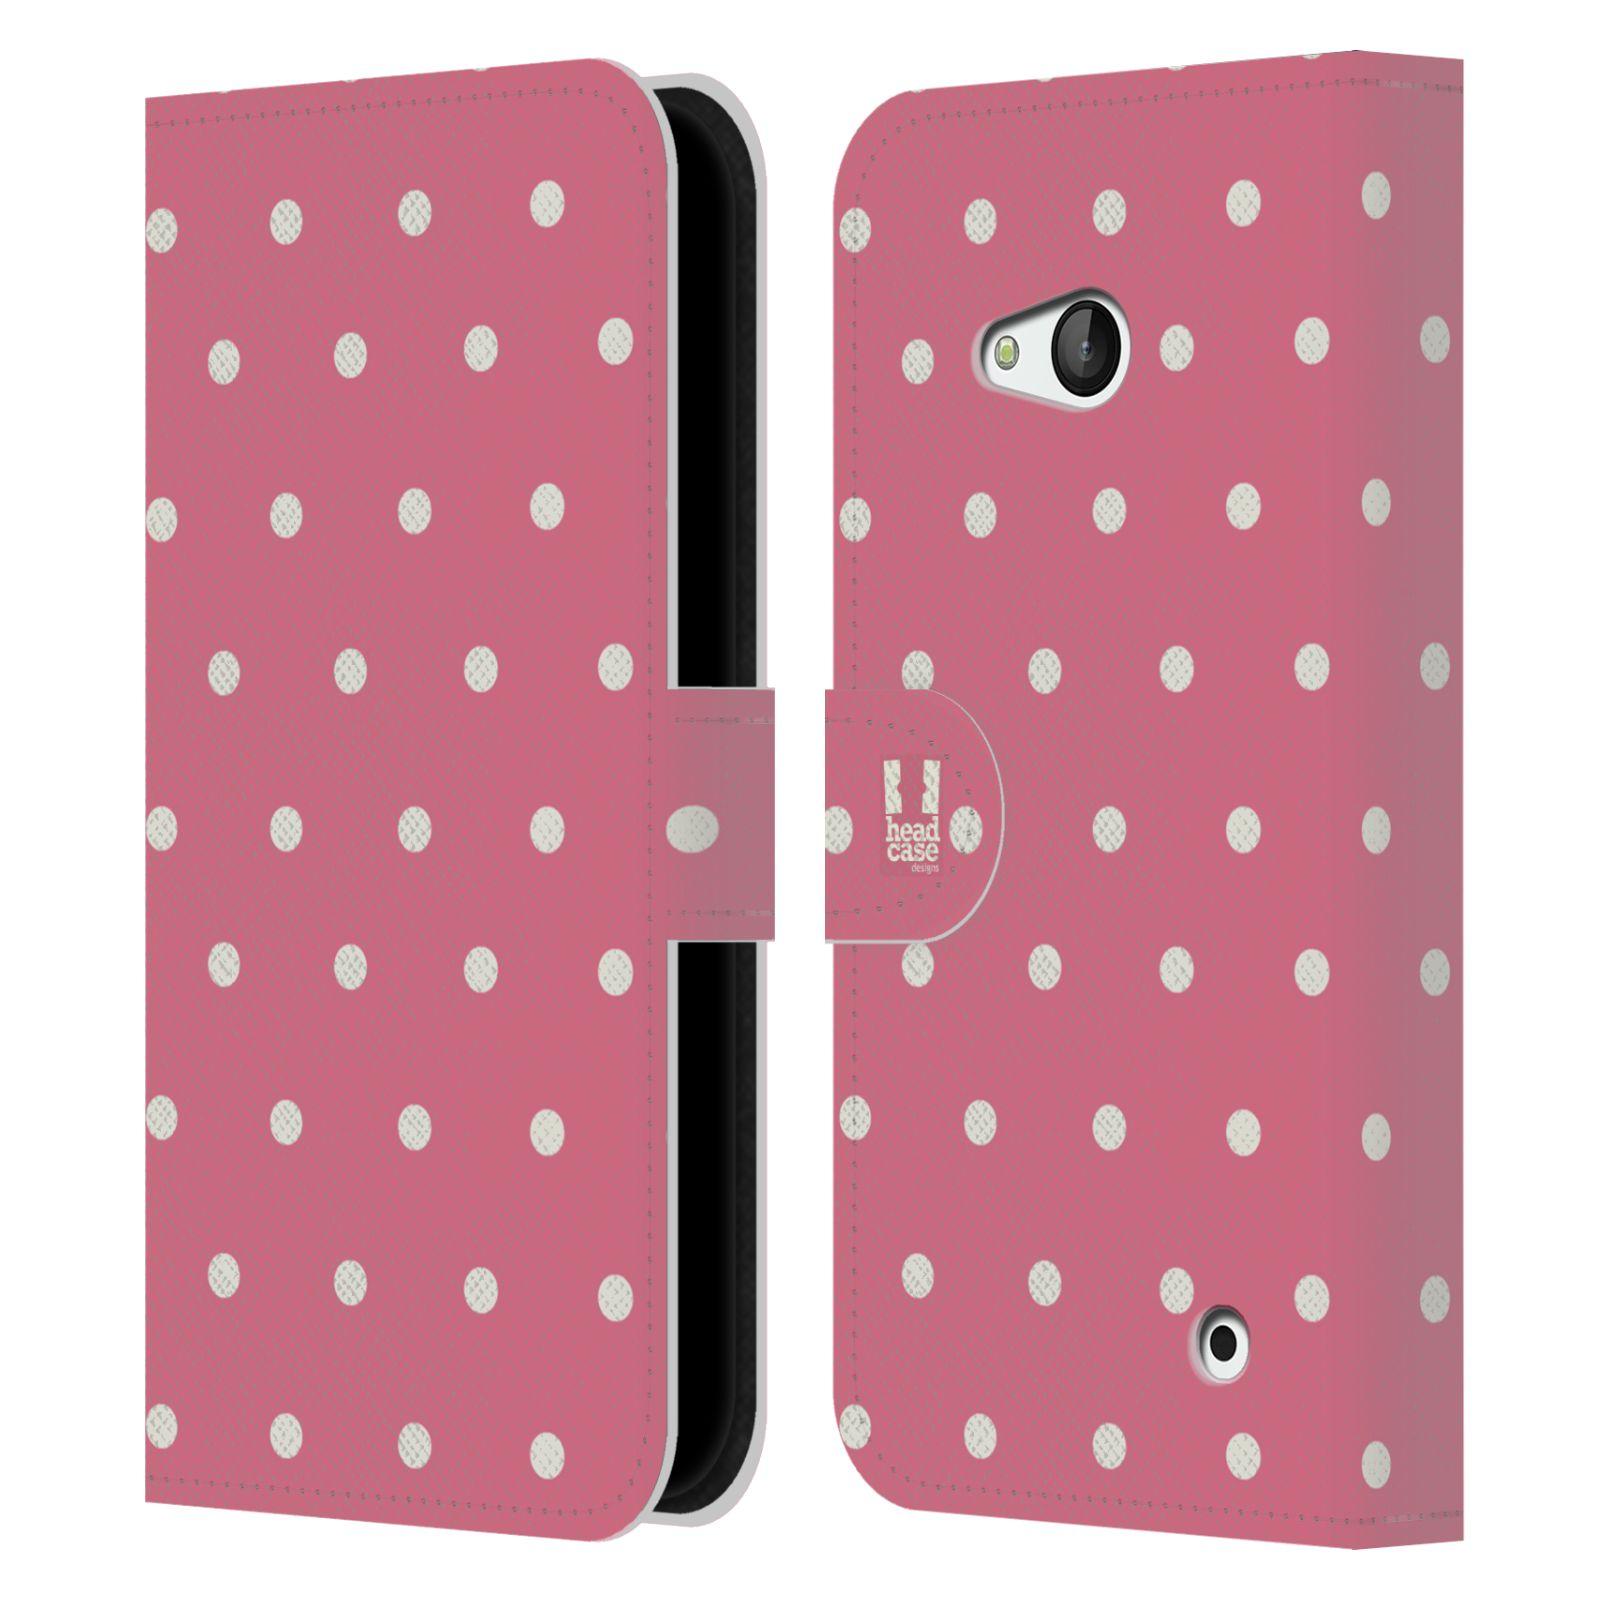 HEAD CASE Flipové pouzdro pro mobil NOKIA / MICROSOFT LUMIA 640 / LUMIA 640 DUAL Francouzský venkov tečky v růžové